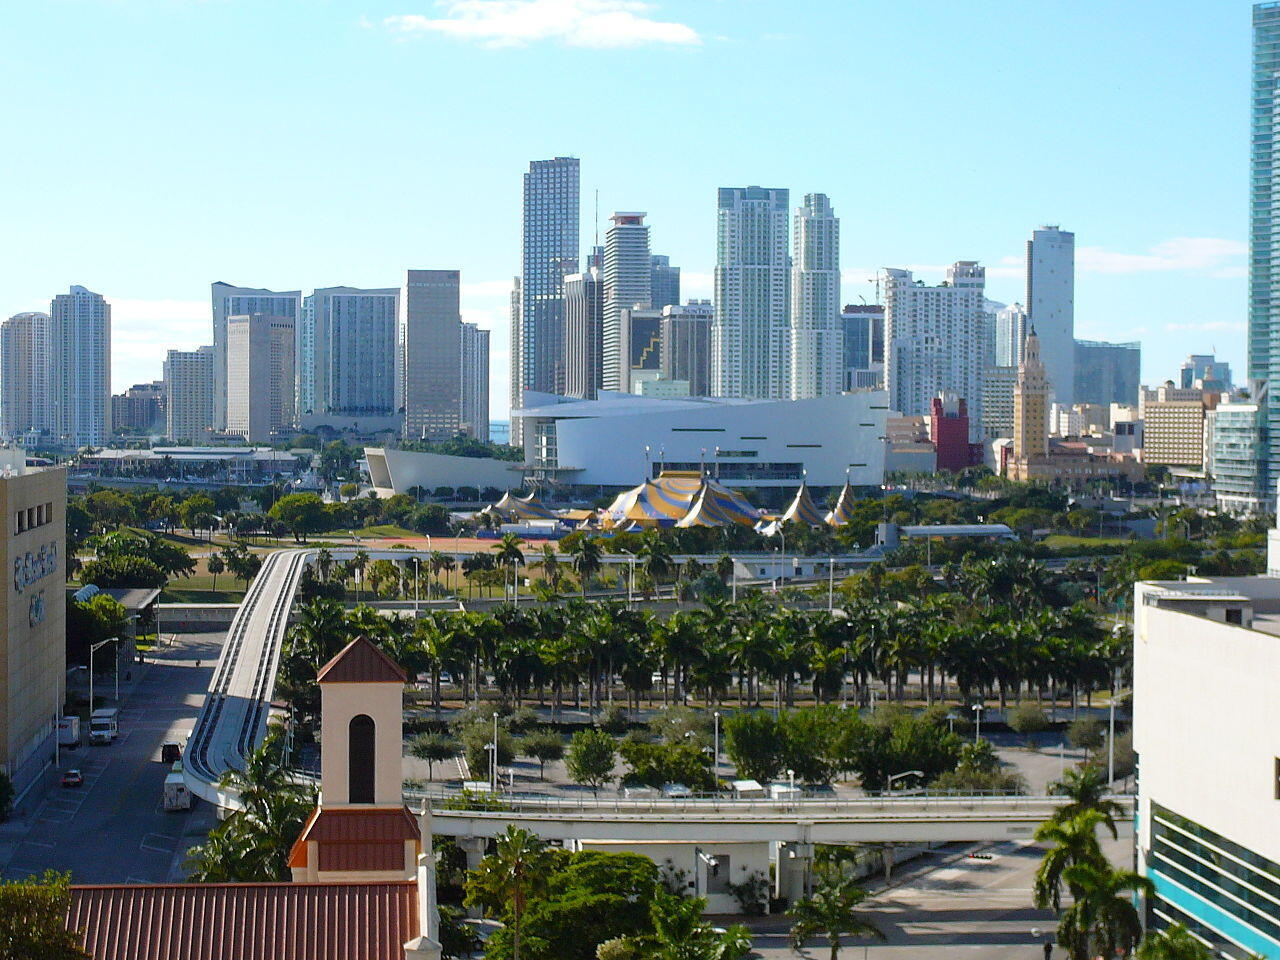 Trung tâm thành phố Miami, Hoa Kỳ